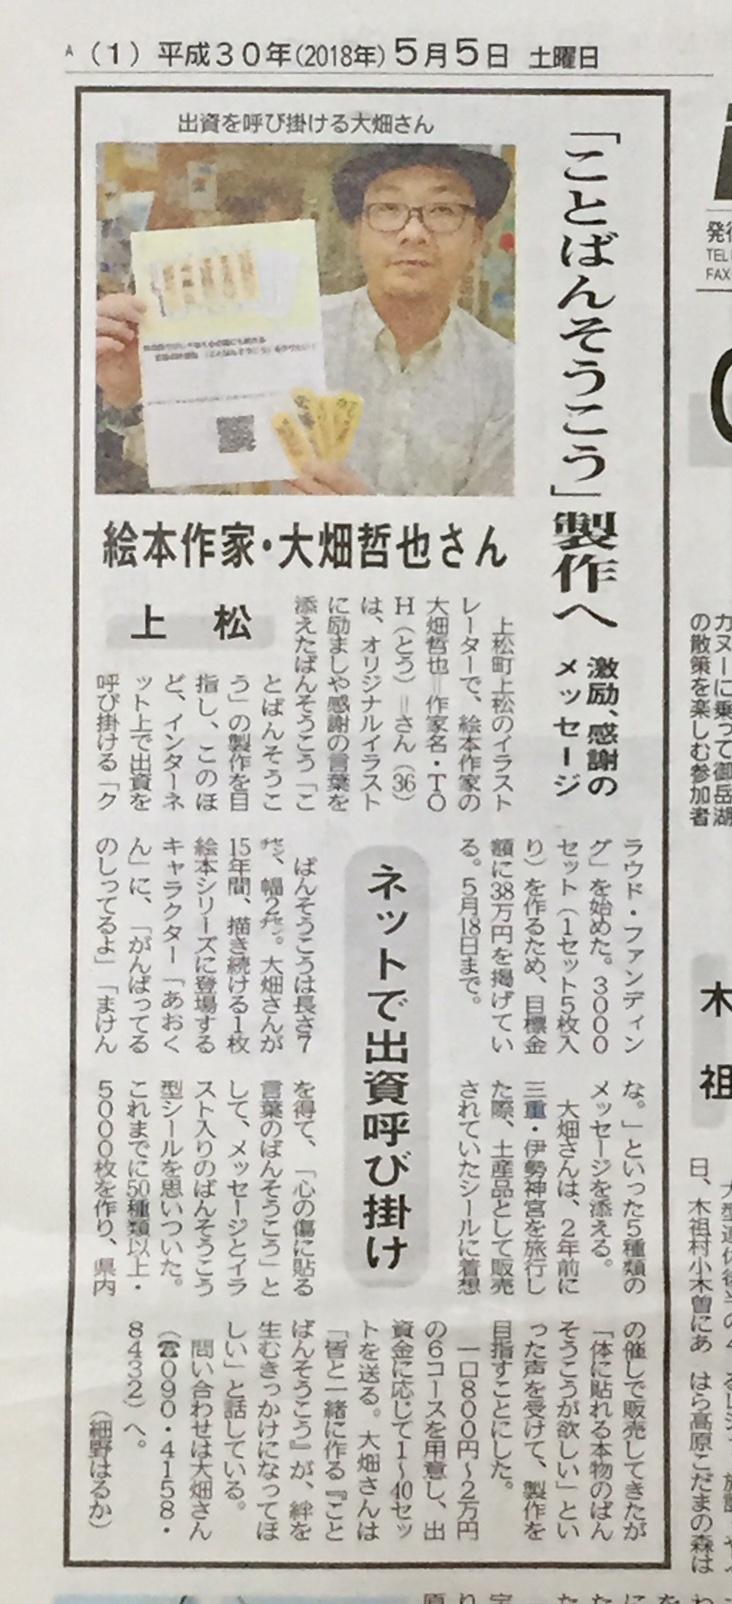 5月5日 市民タイムスにプロジェクトのことが掲載されました。